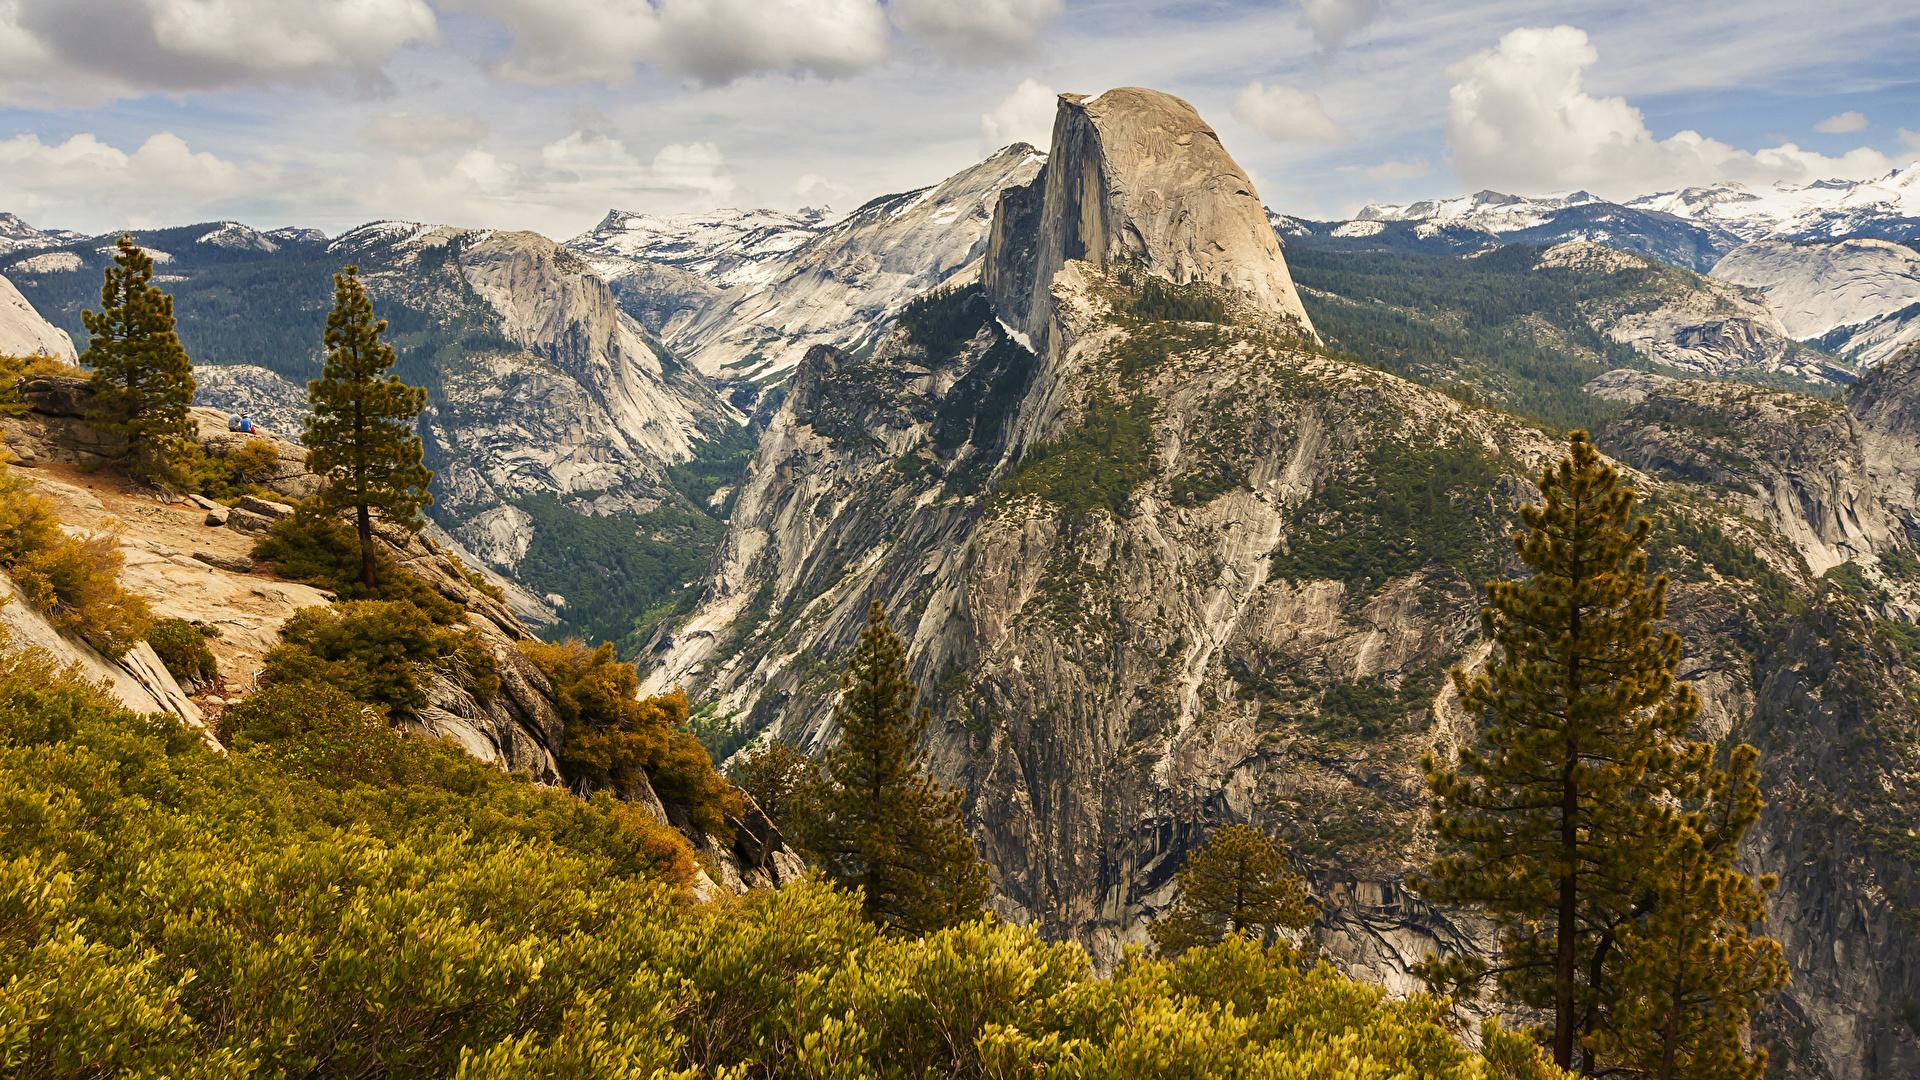 Обои для рабочего стола Йосемити америка Ель Горы Природа парк 1920x1080 США штаты ели гора Парки